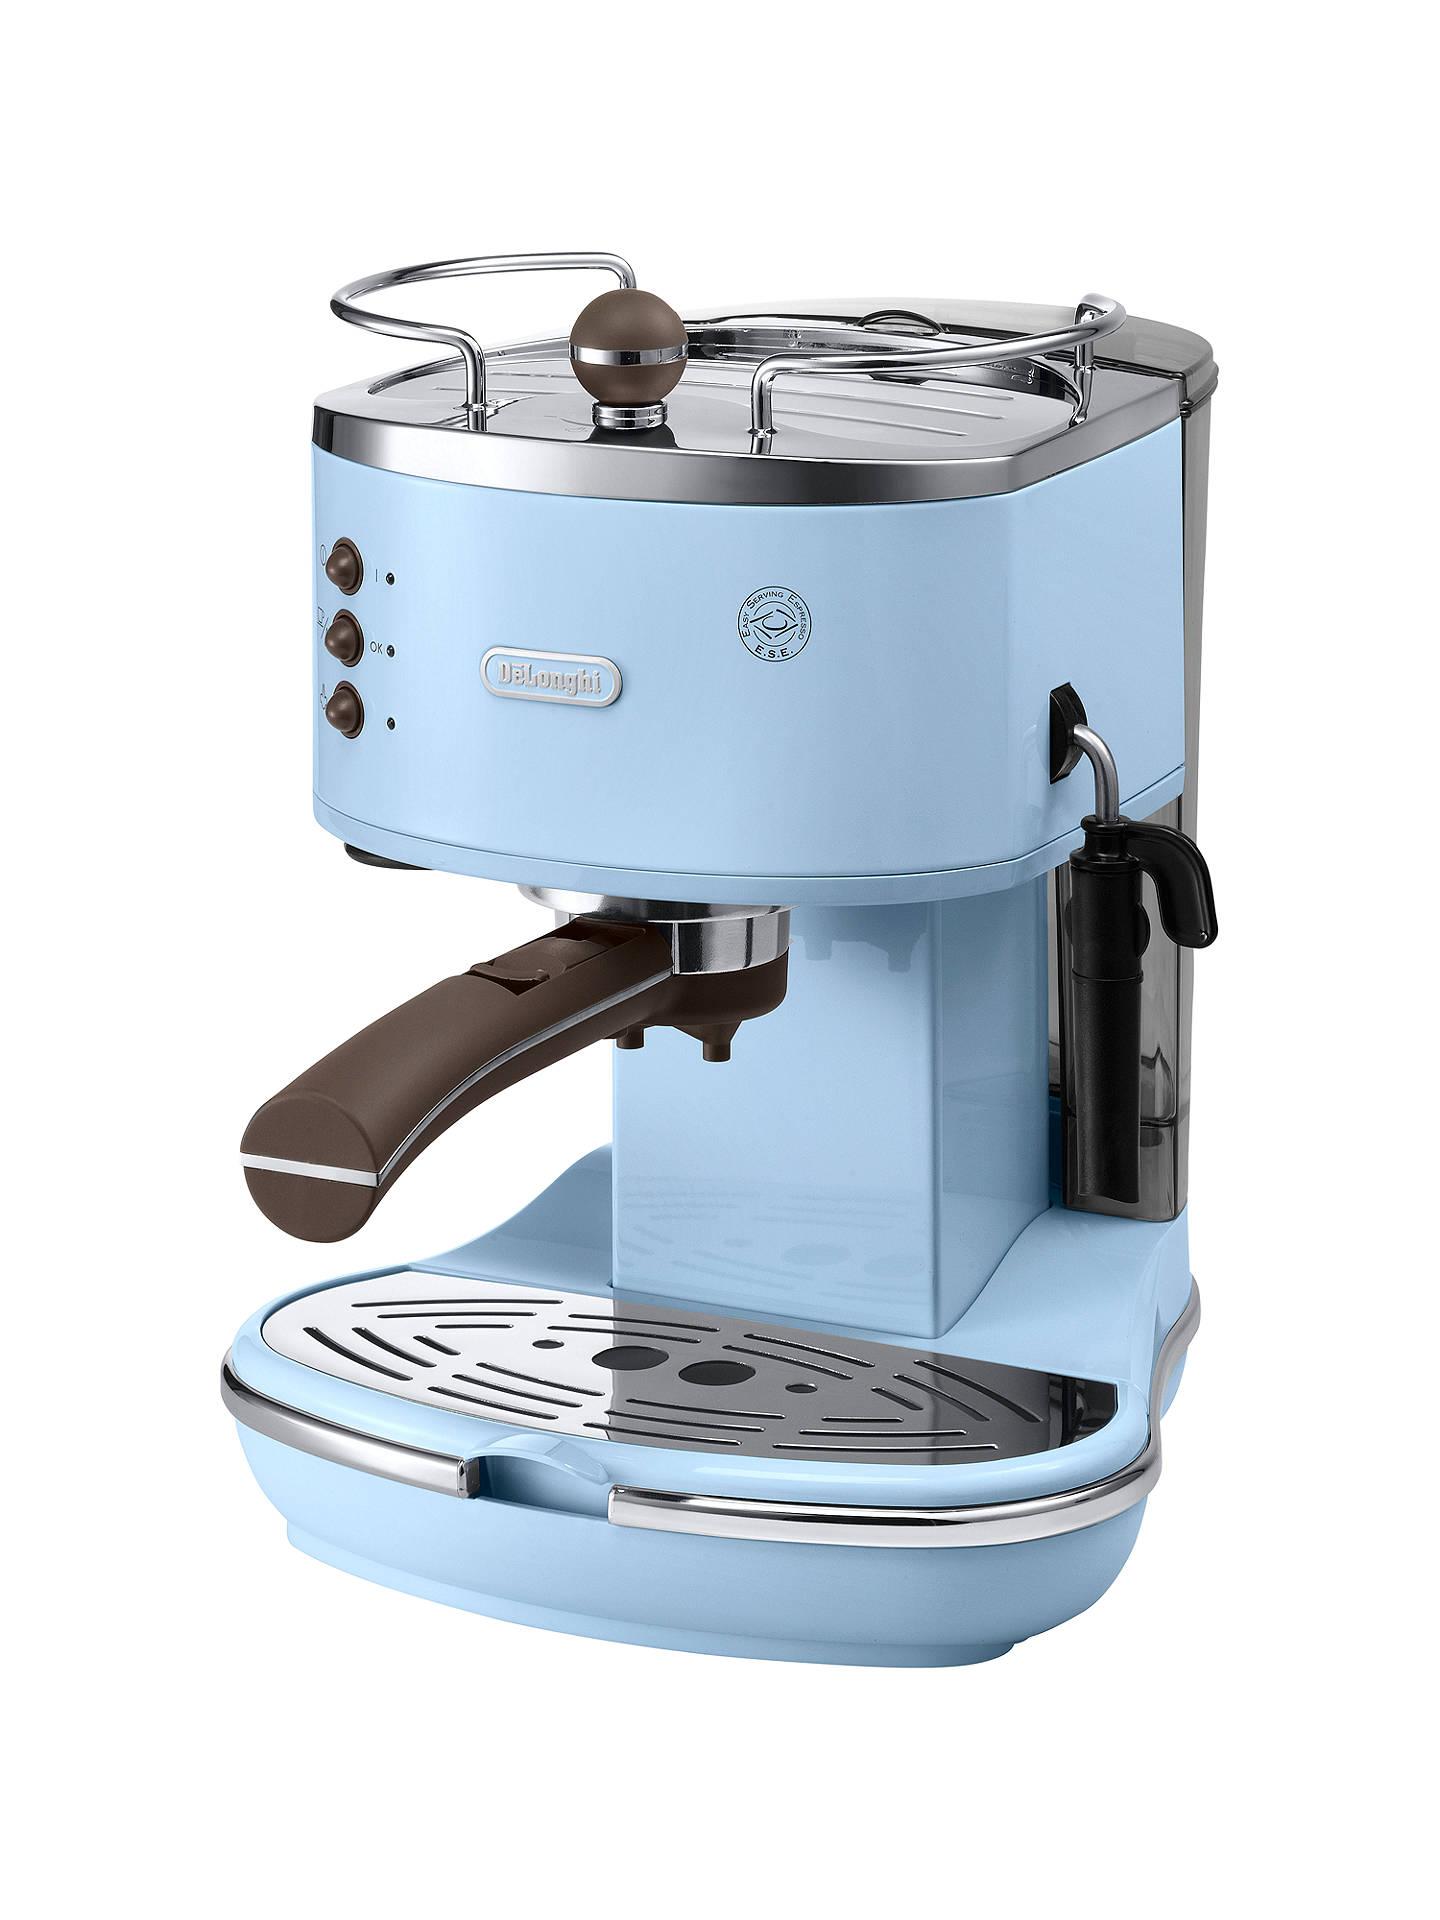 Delonghi Icona Espresso Coffee Machine Light Blue At John